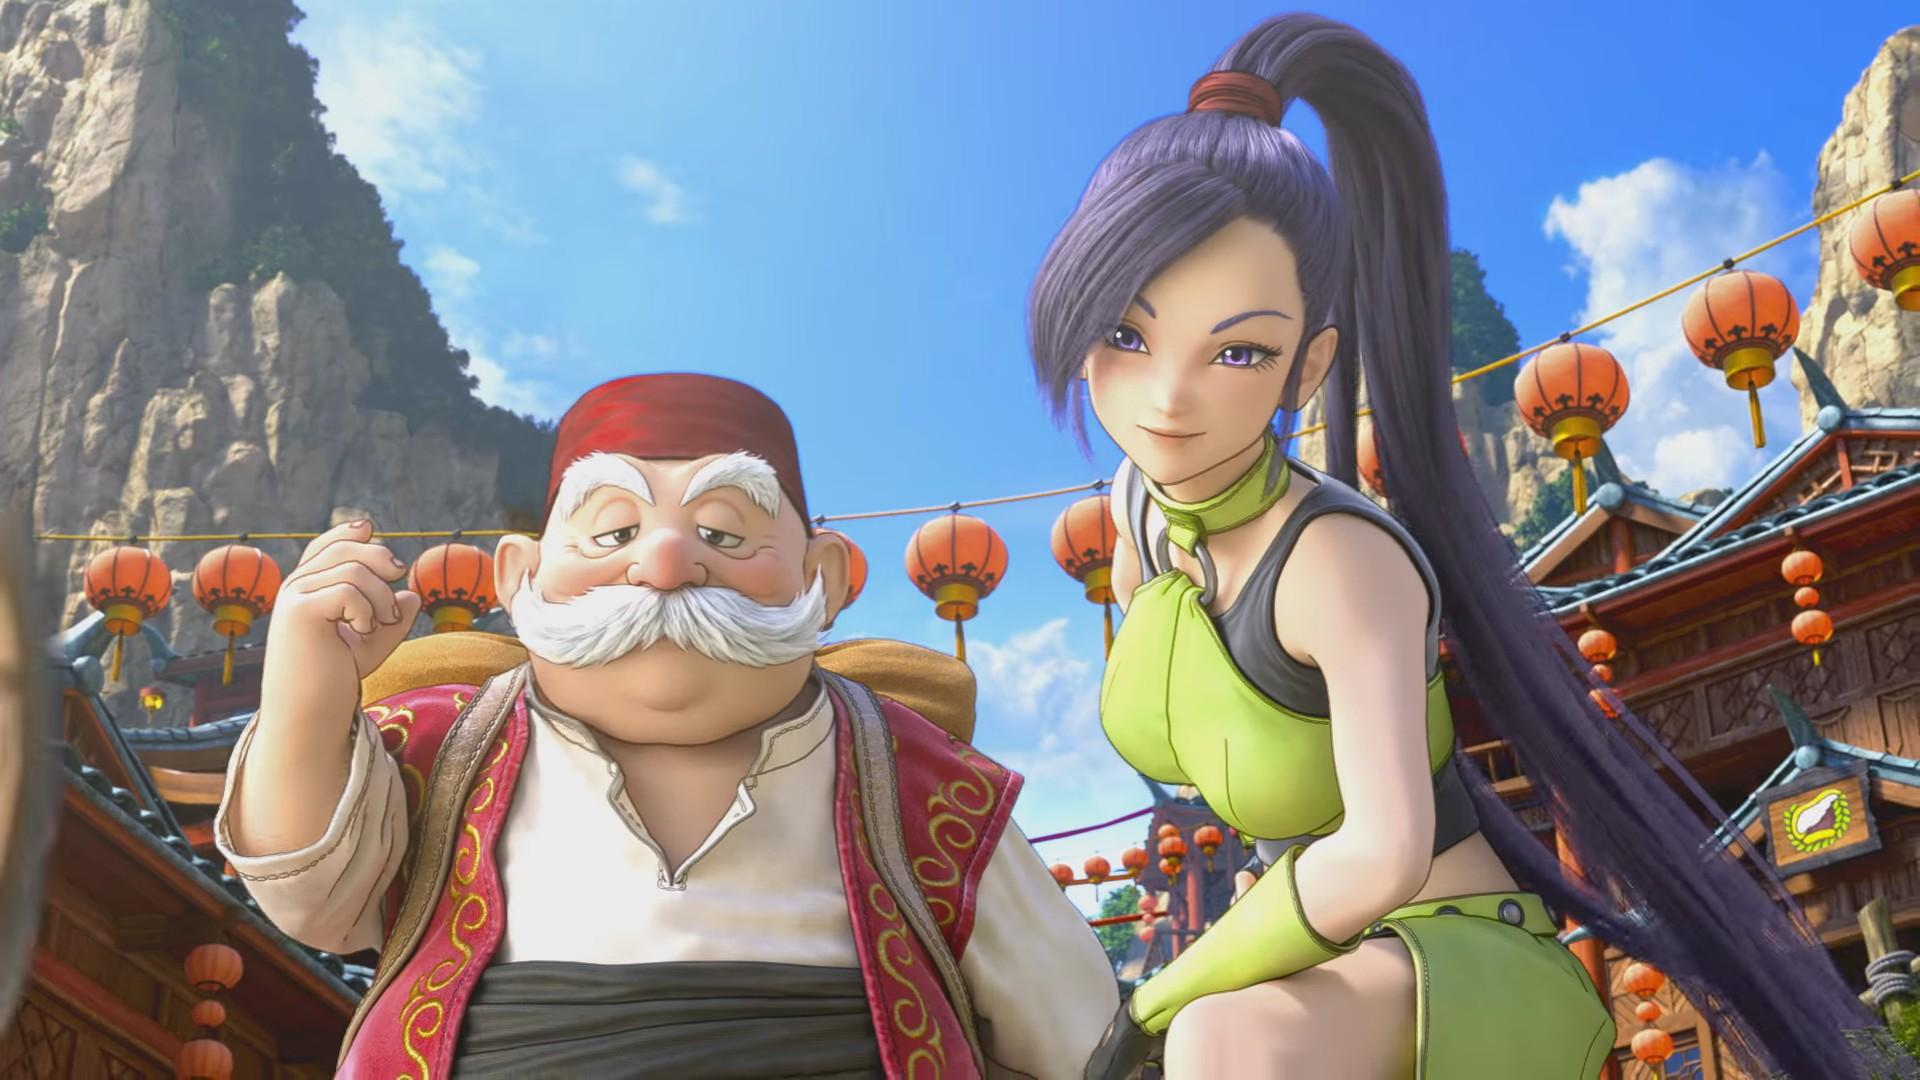 تریلری از گیمپلی Dragon Quest 11 منتشر شد